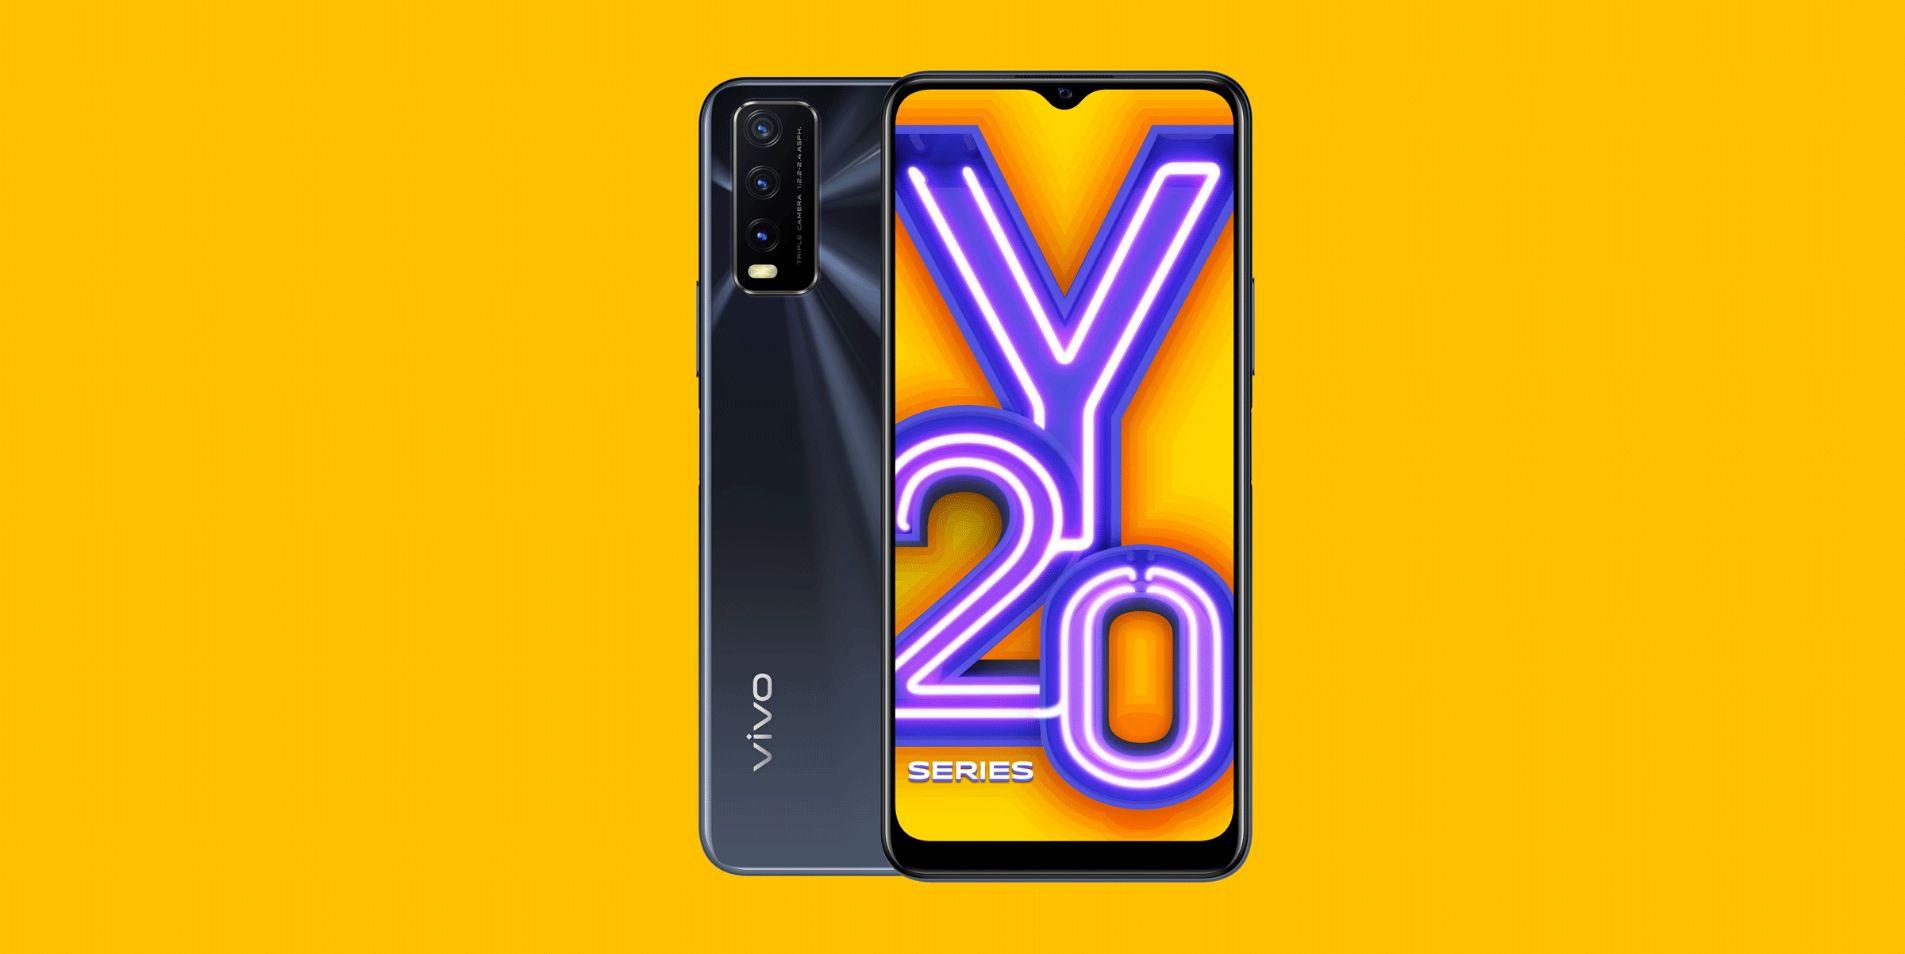 مزايا وعيوب هاتف Vivo Y20A الاقتصادي الجديد